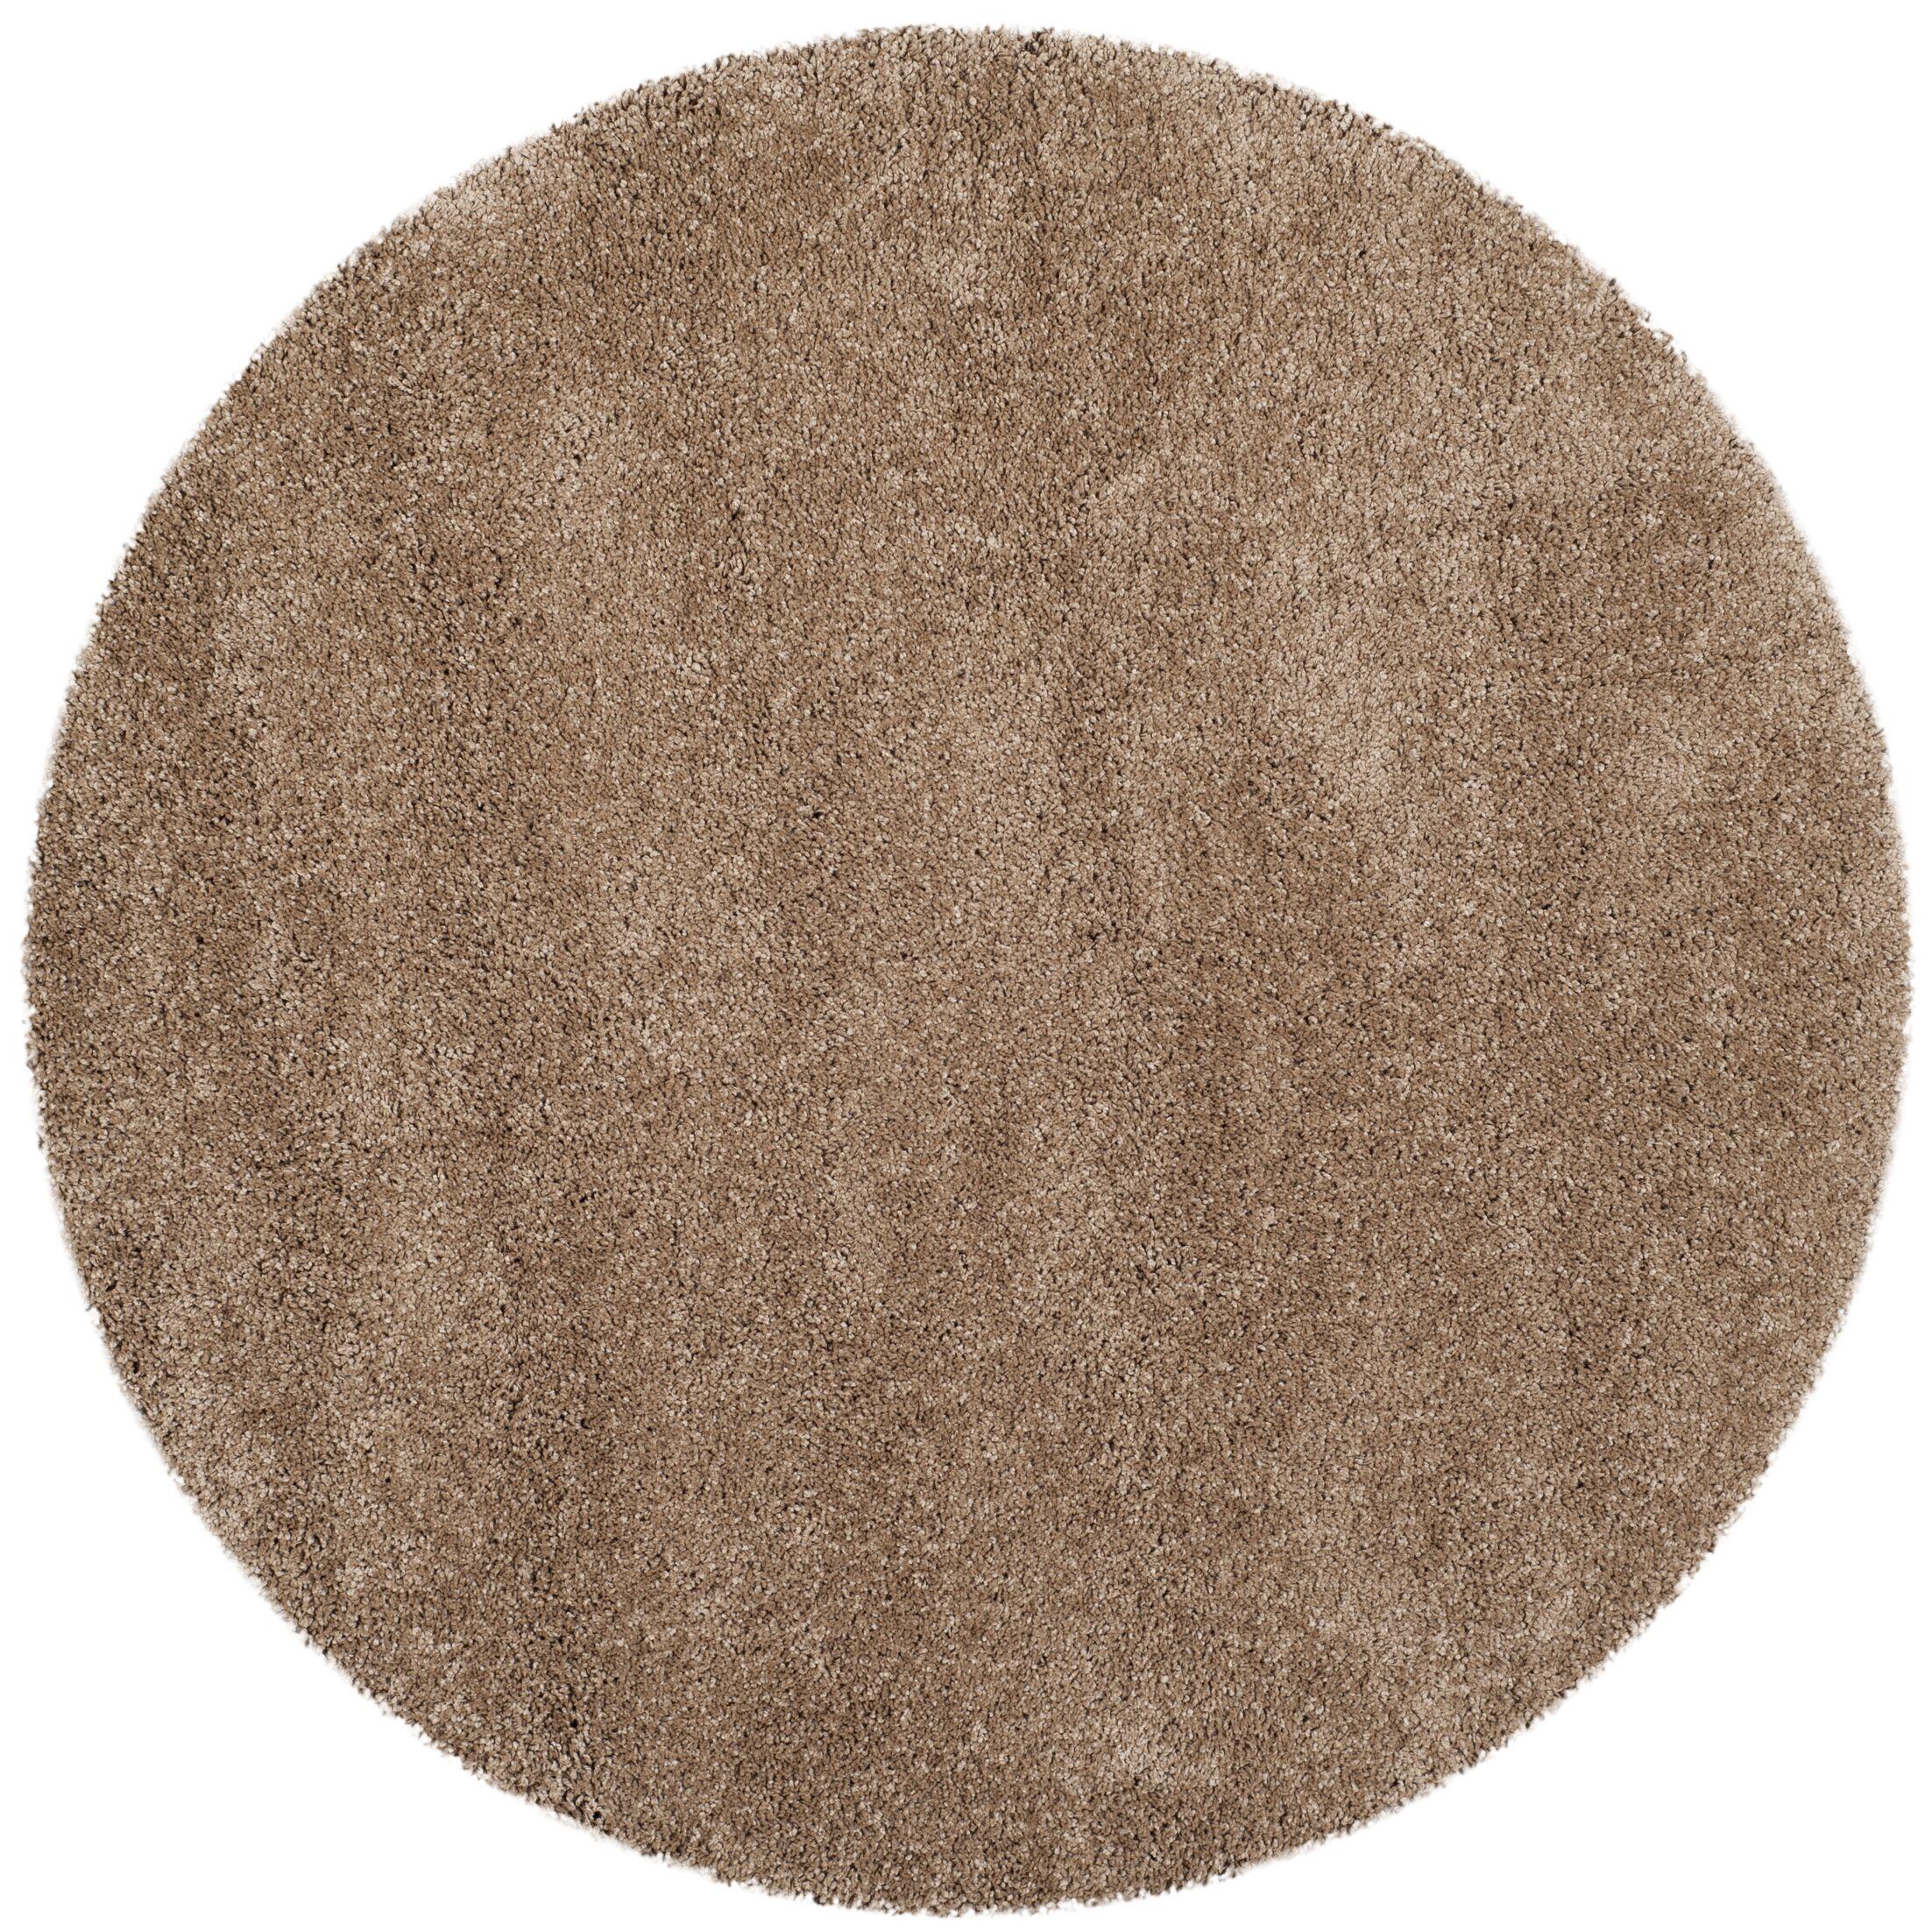 Starr Hill Dark Beige Area Rug Rug Size: 10' X 10' Round